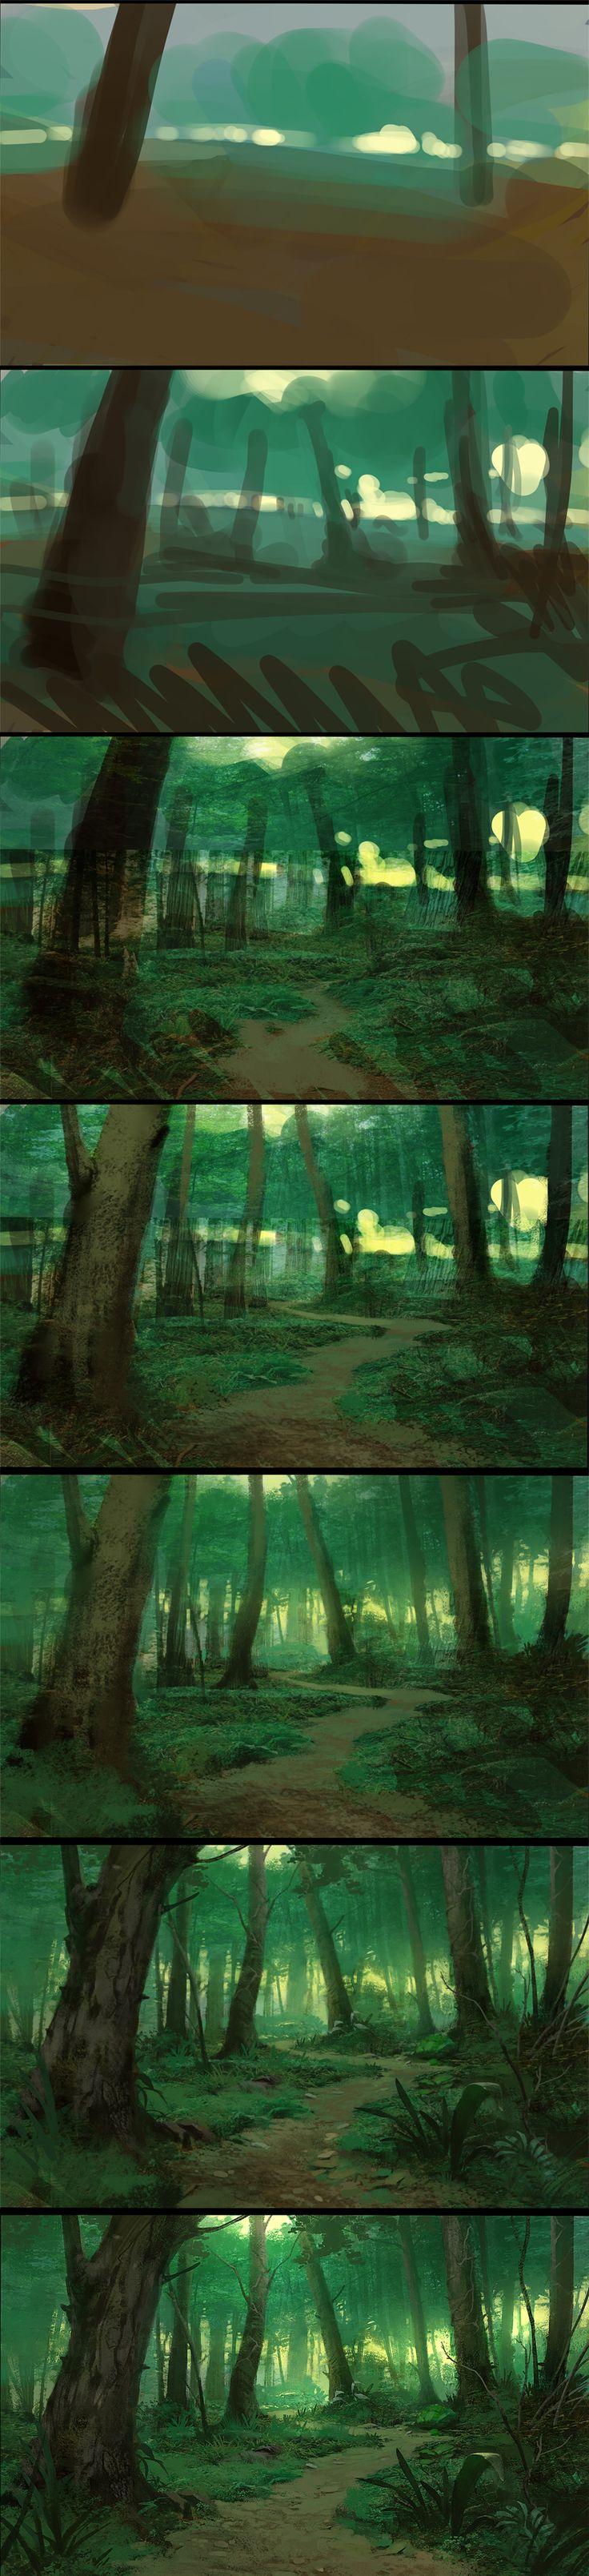 steps_by_unidcolor-d3cqeys.jpg 869×3,800 pixels